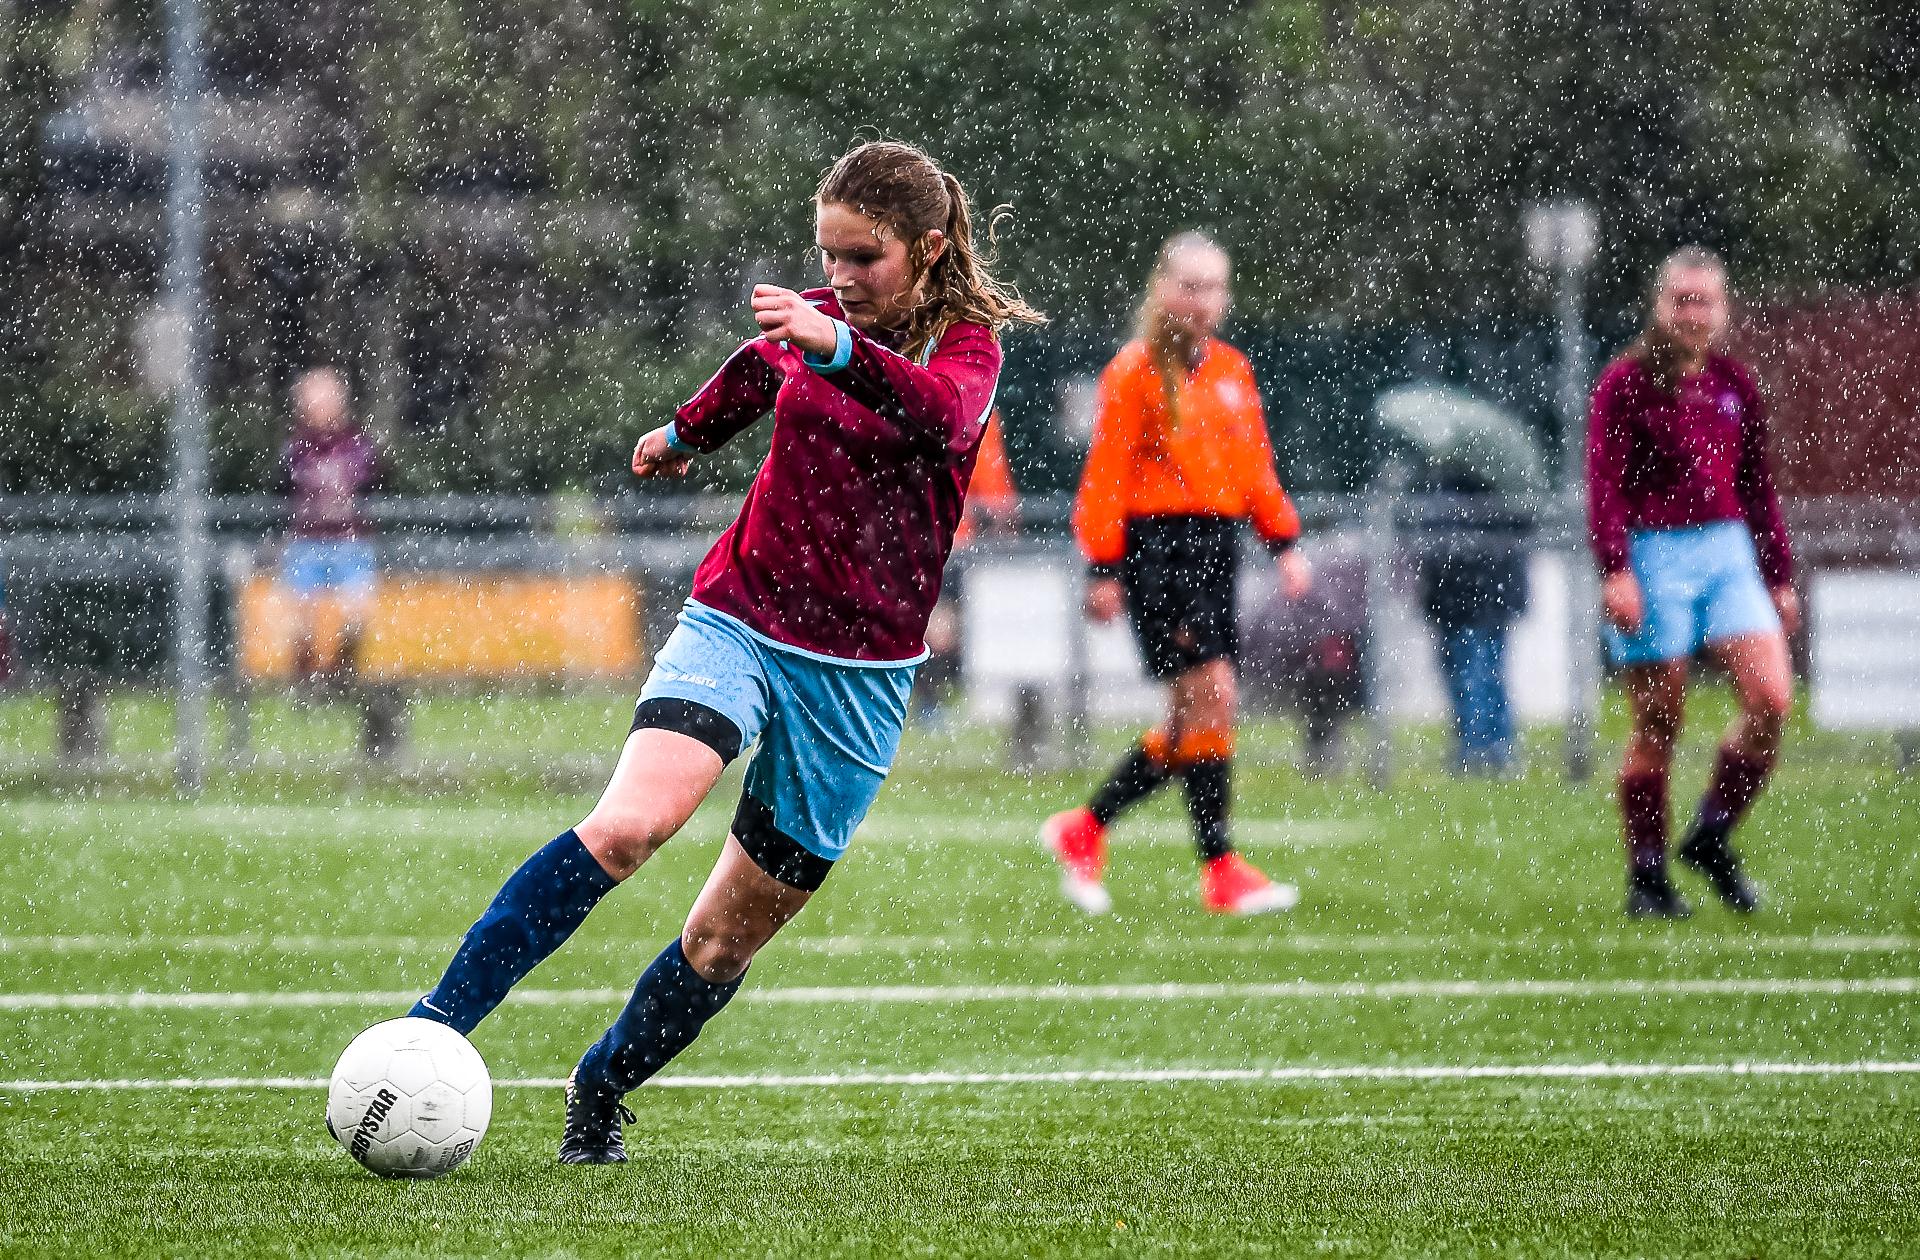 voetballen in de regen